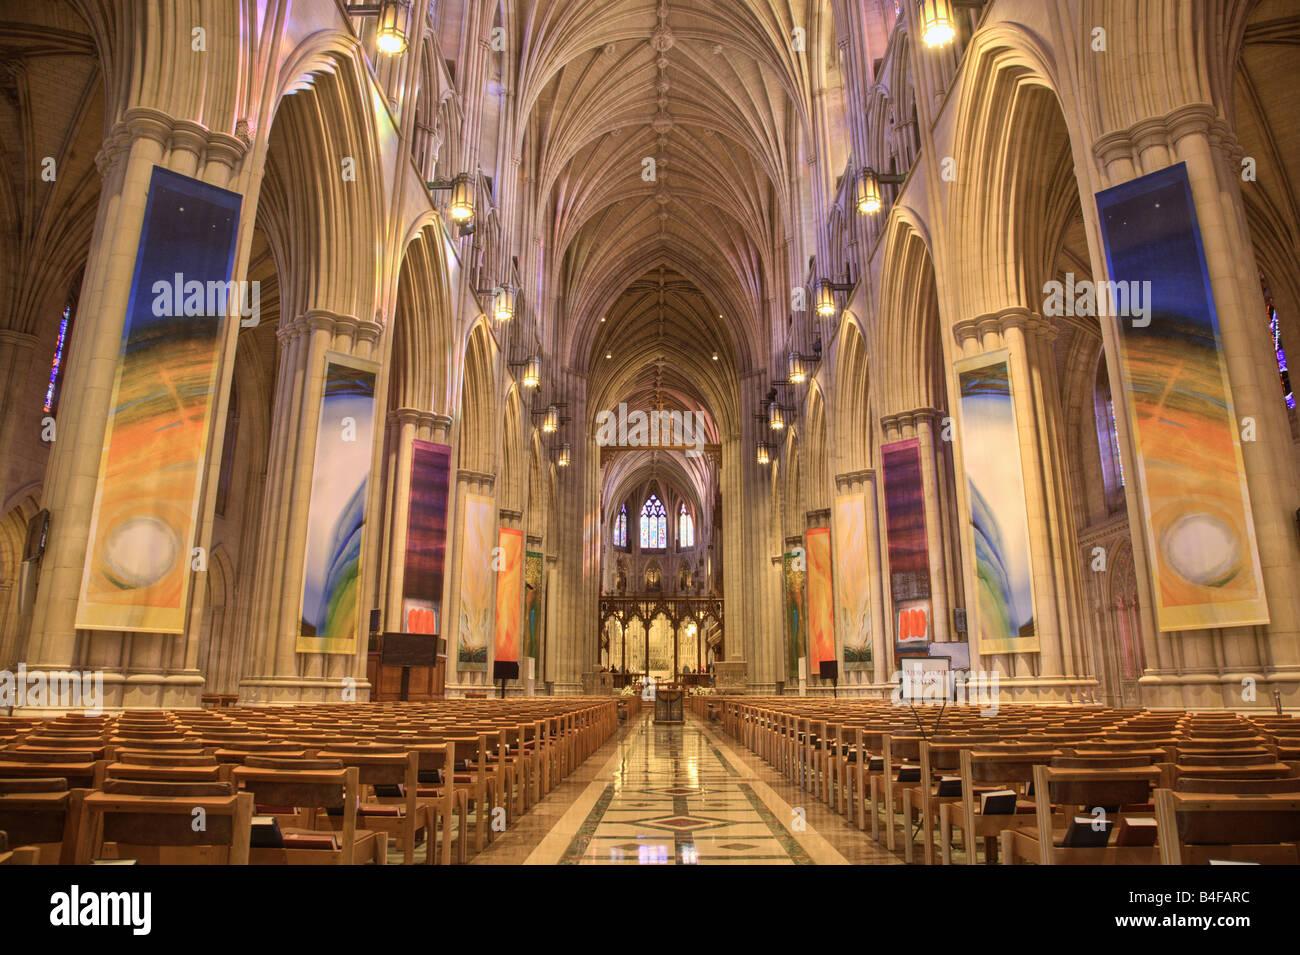 Schone Architektonische Interieur Des Bischoflichen